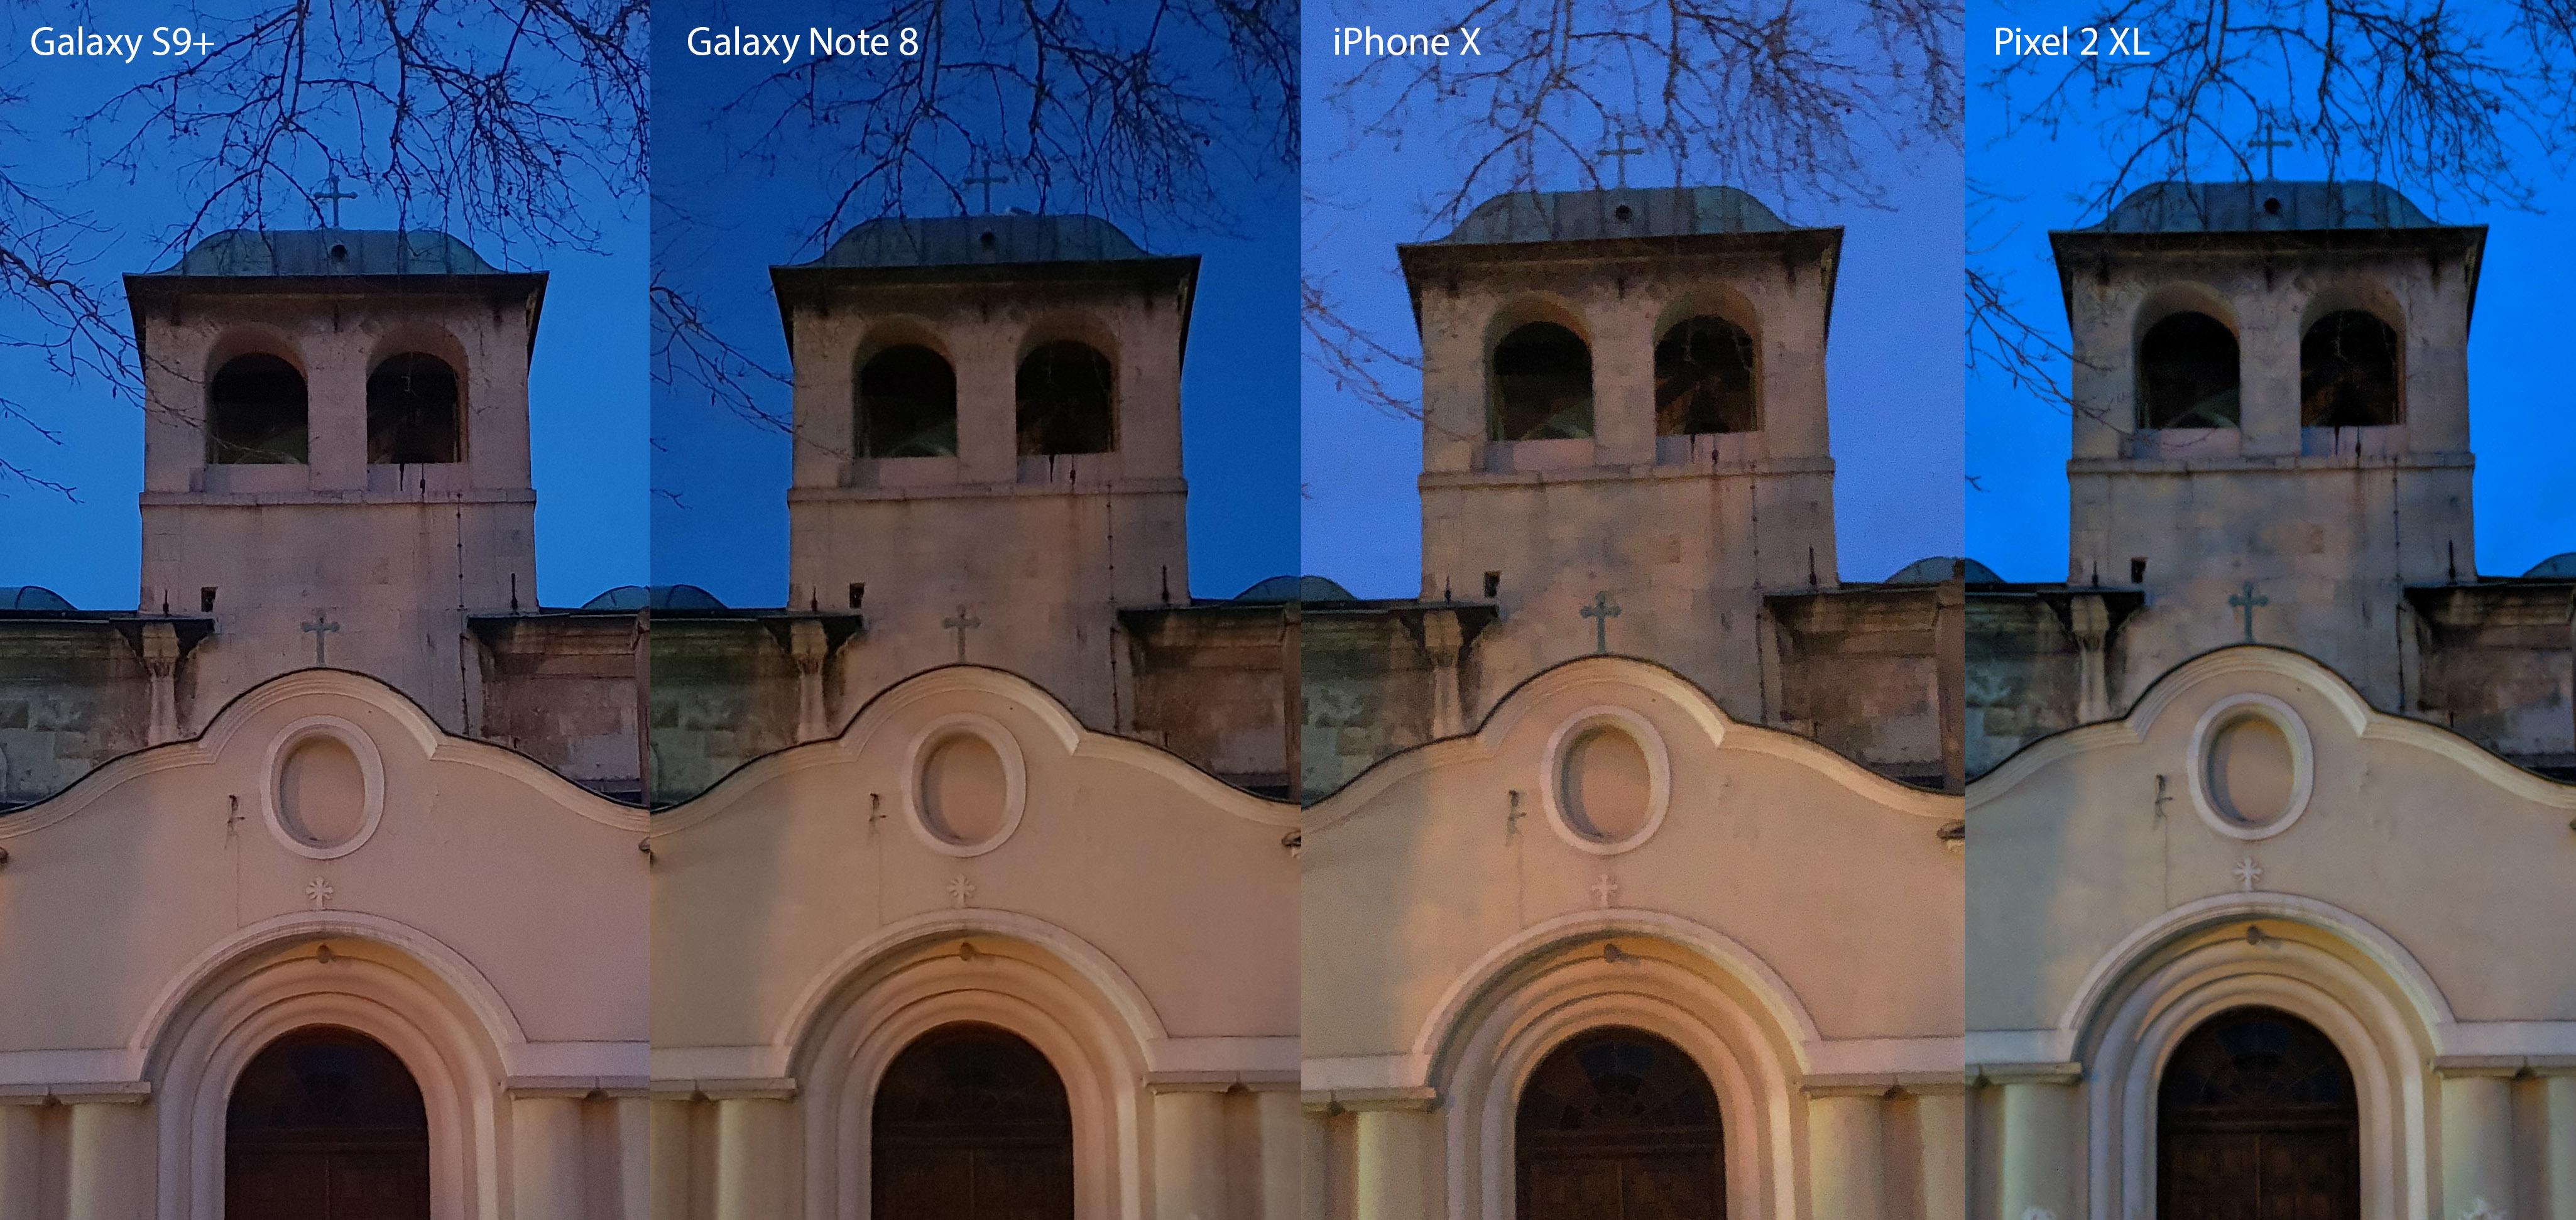 مقایسه عملکرد دوربین گوشی های +Samsung Galaxy S9 و iPhone X vs Pixel 2 XL و Galaxy Note 8